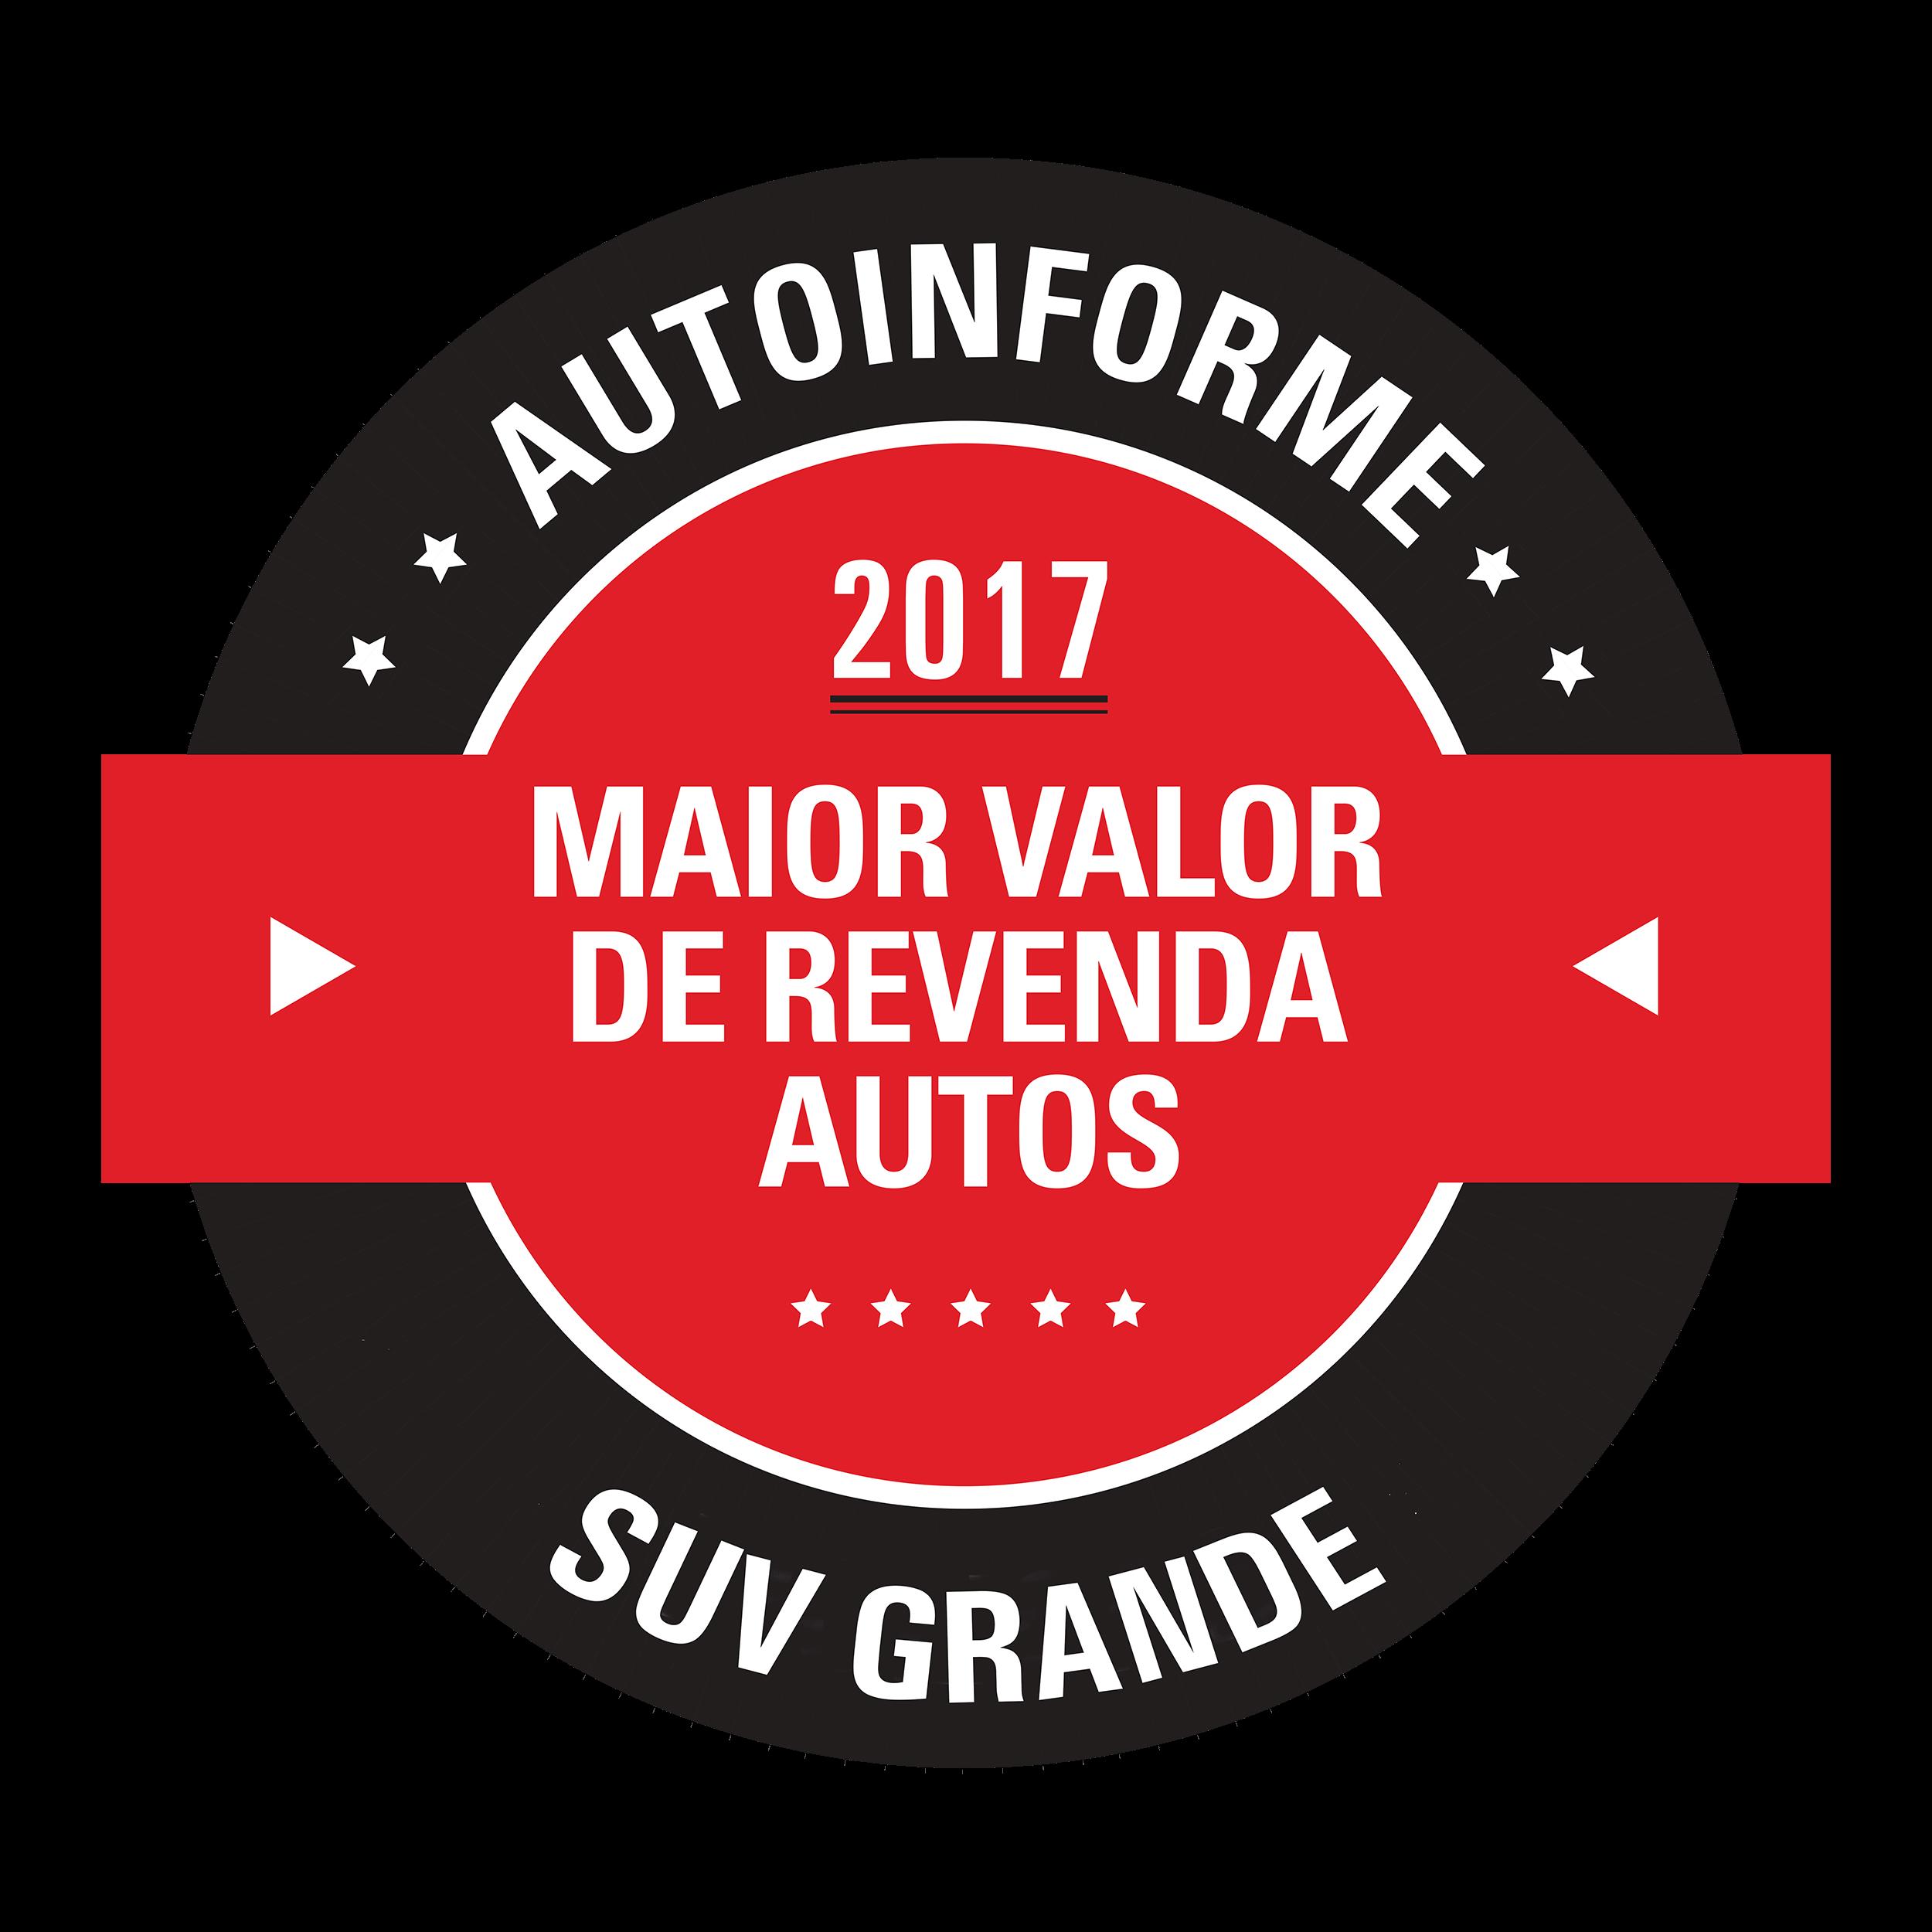 Vencedor na categoria SUV Grande